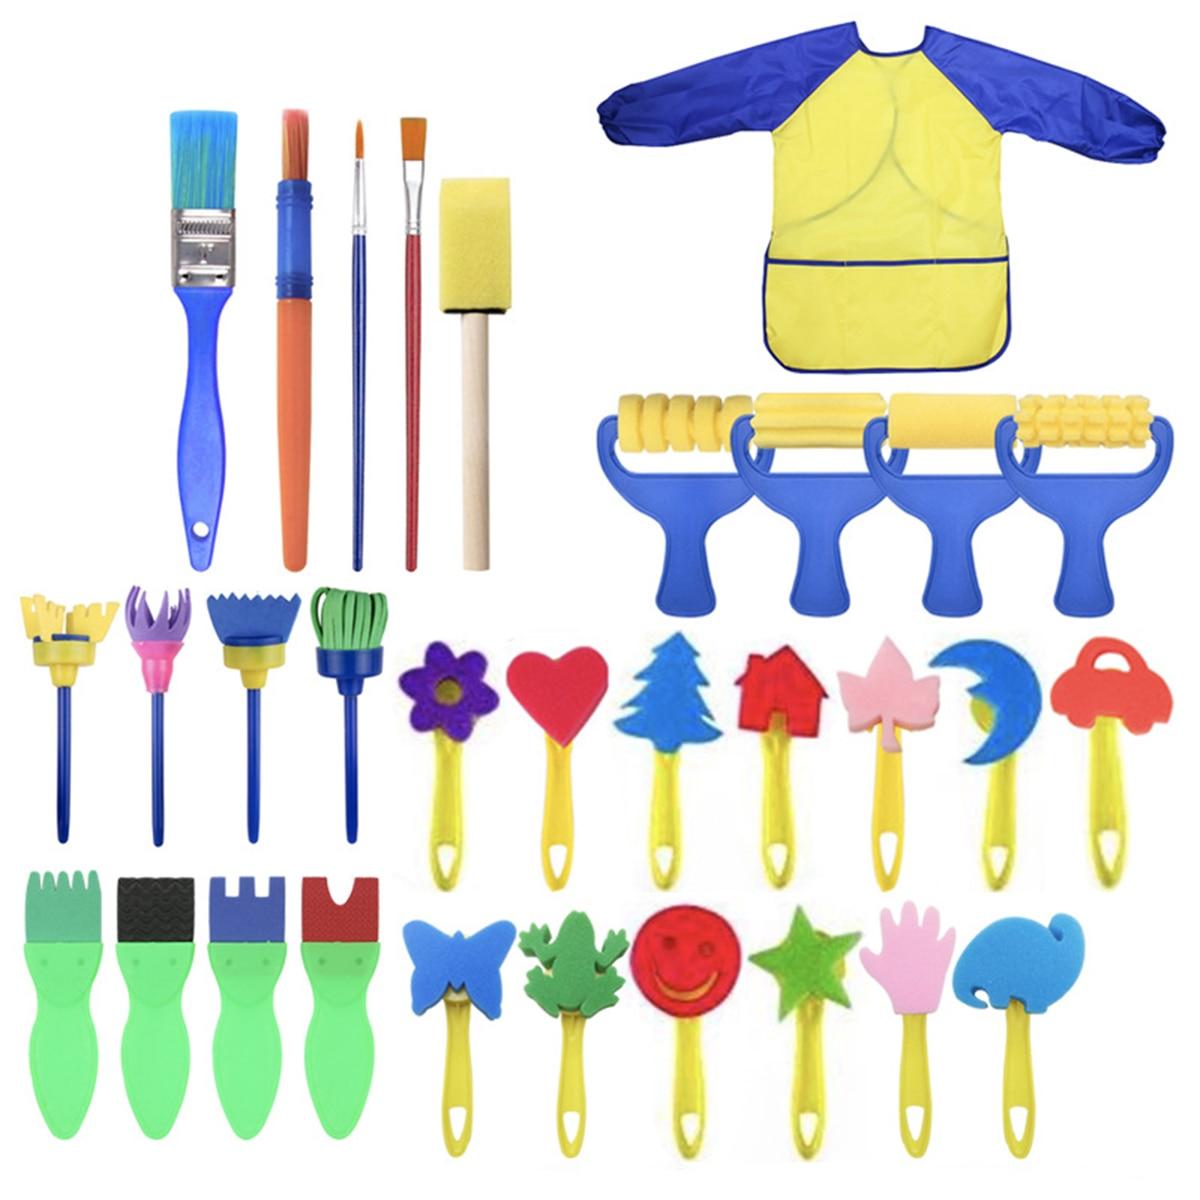 31 pçs/lote crianças aprendizagem precoce esponja pintura escova kit criança diversão pintura escovas manga longa avental à prova dwaterproof água arte conjuntos